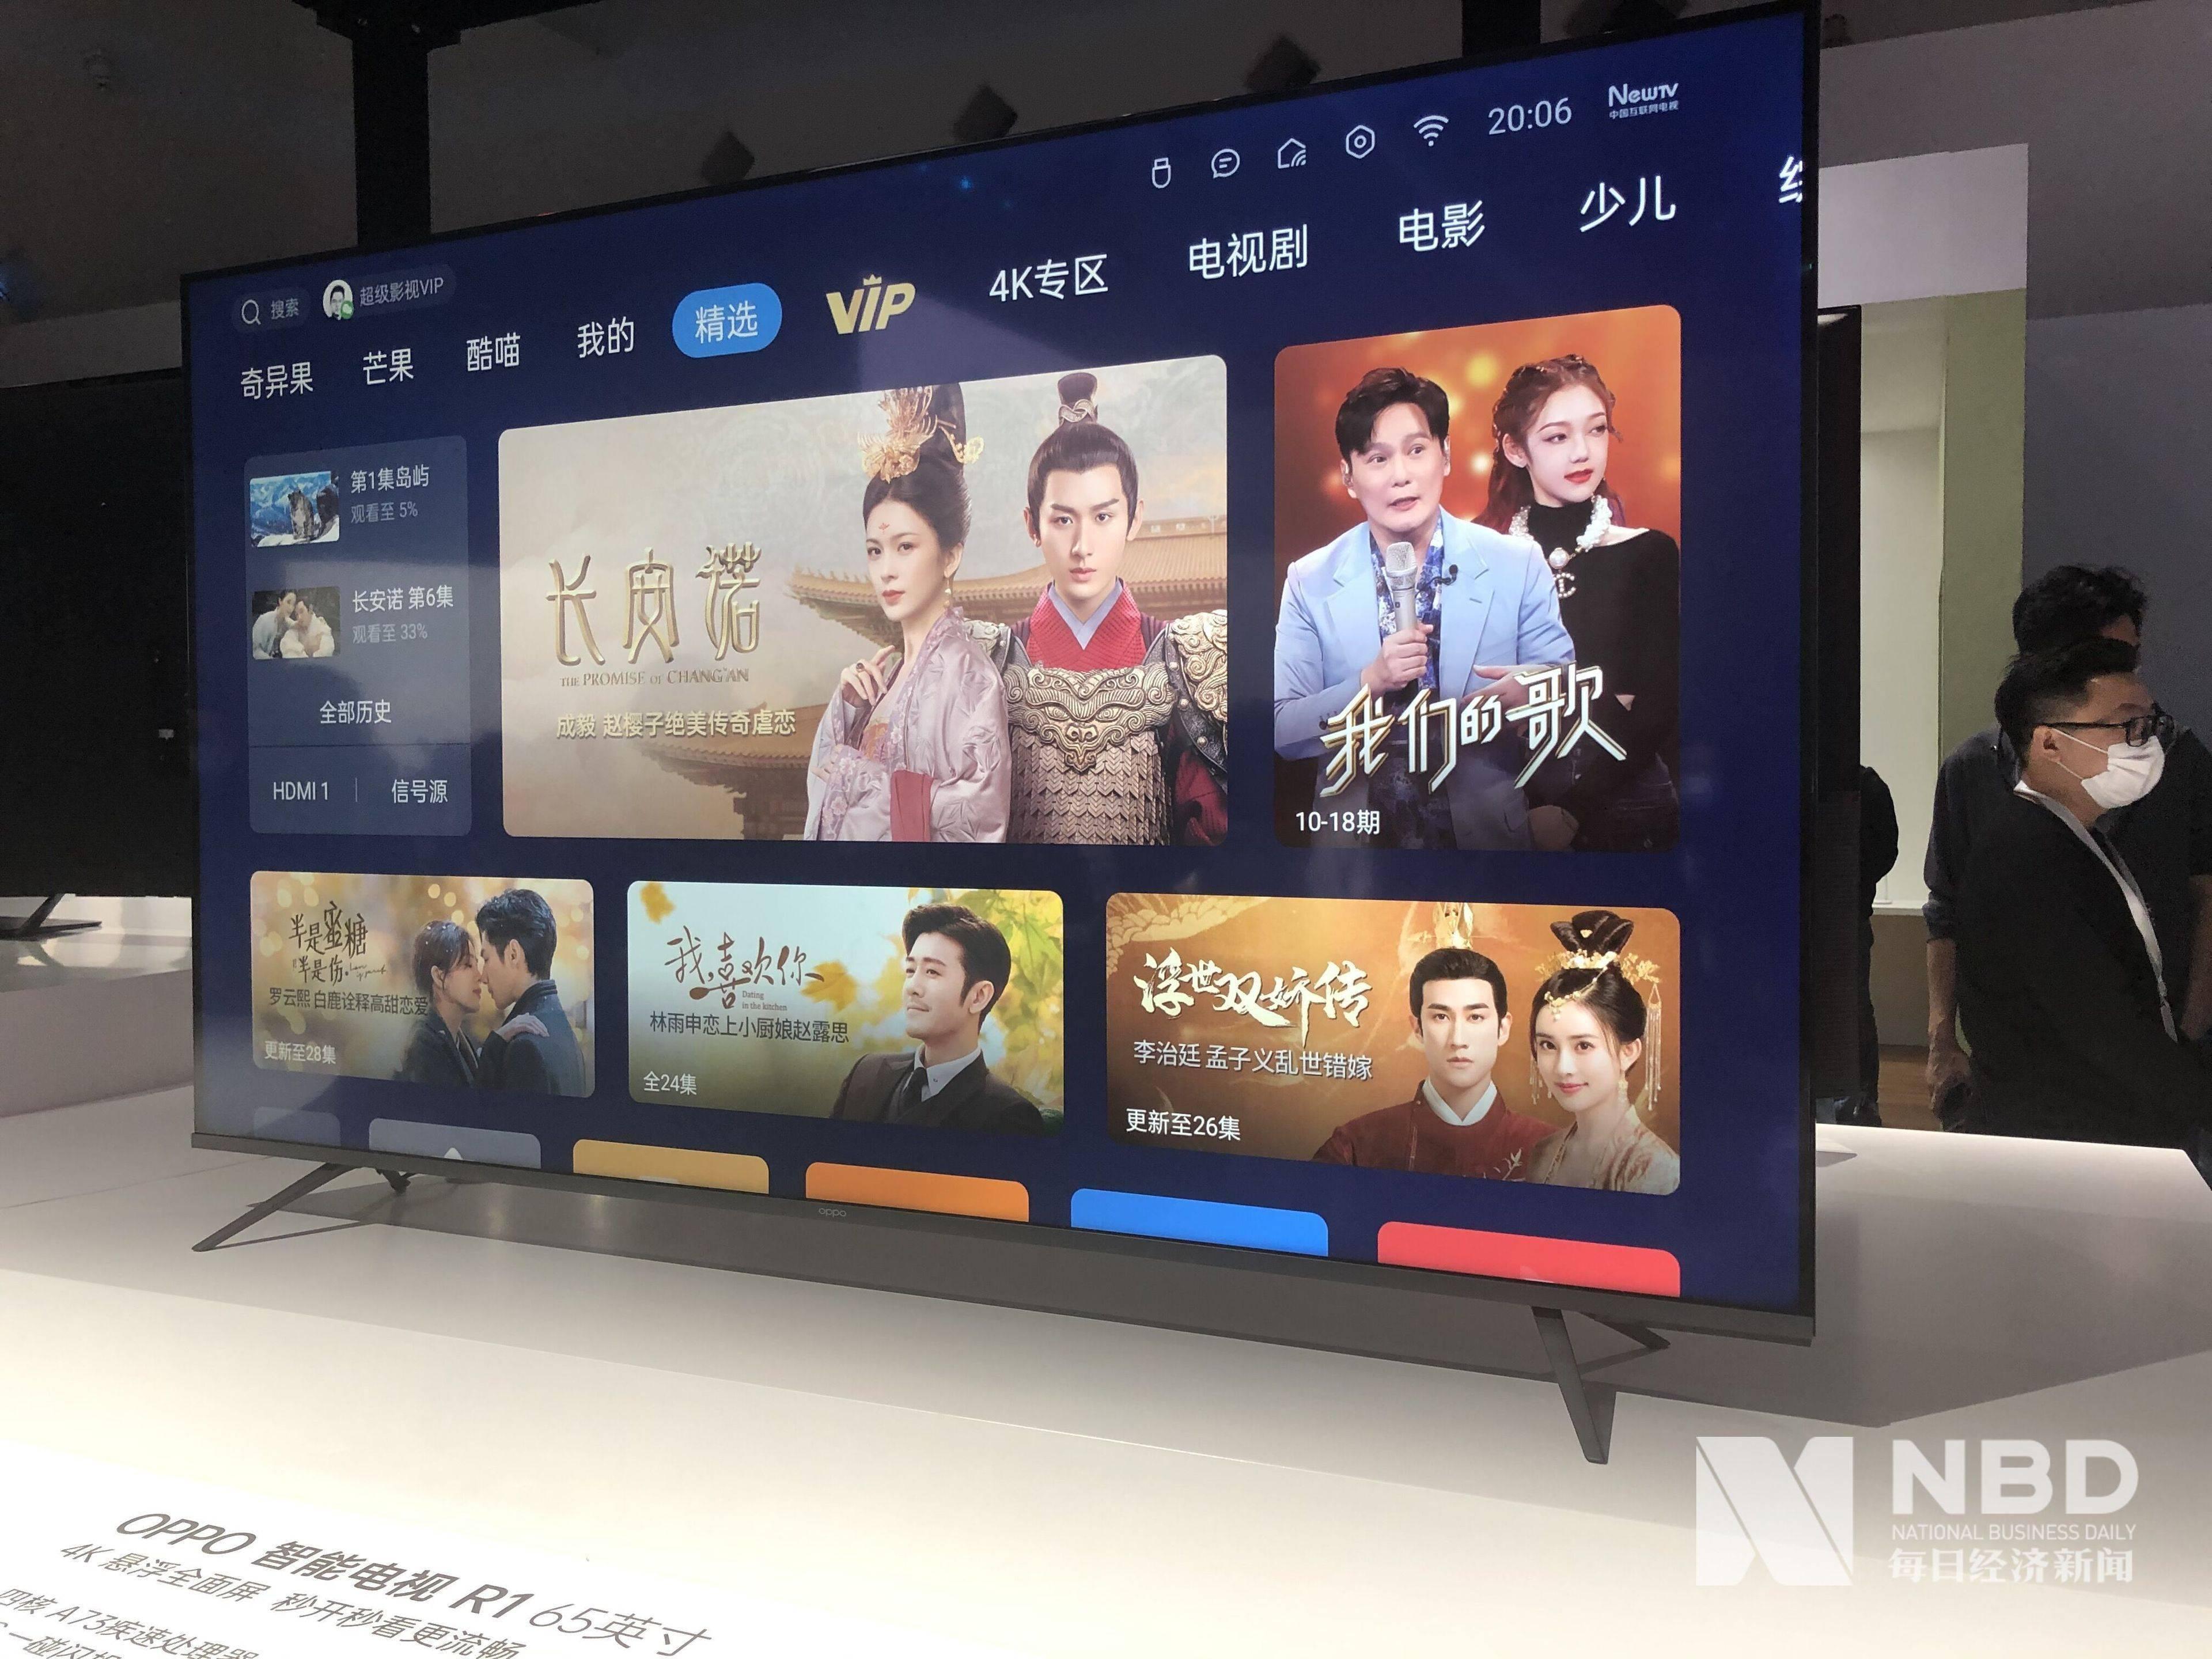 """争夺IoT""""入口"""":OPPO、小米、华为等国产手机厂商鏖战智能电视市场"""